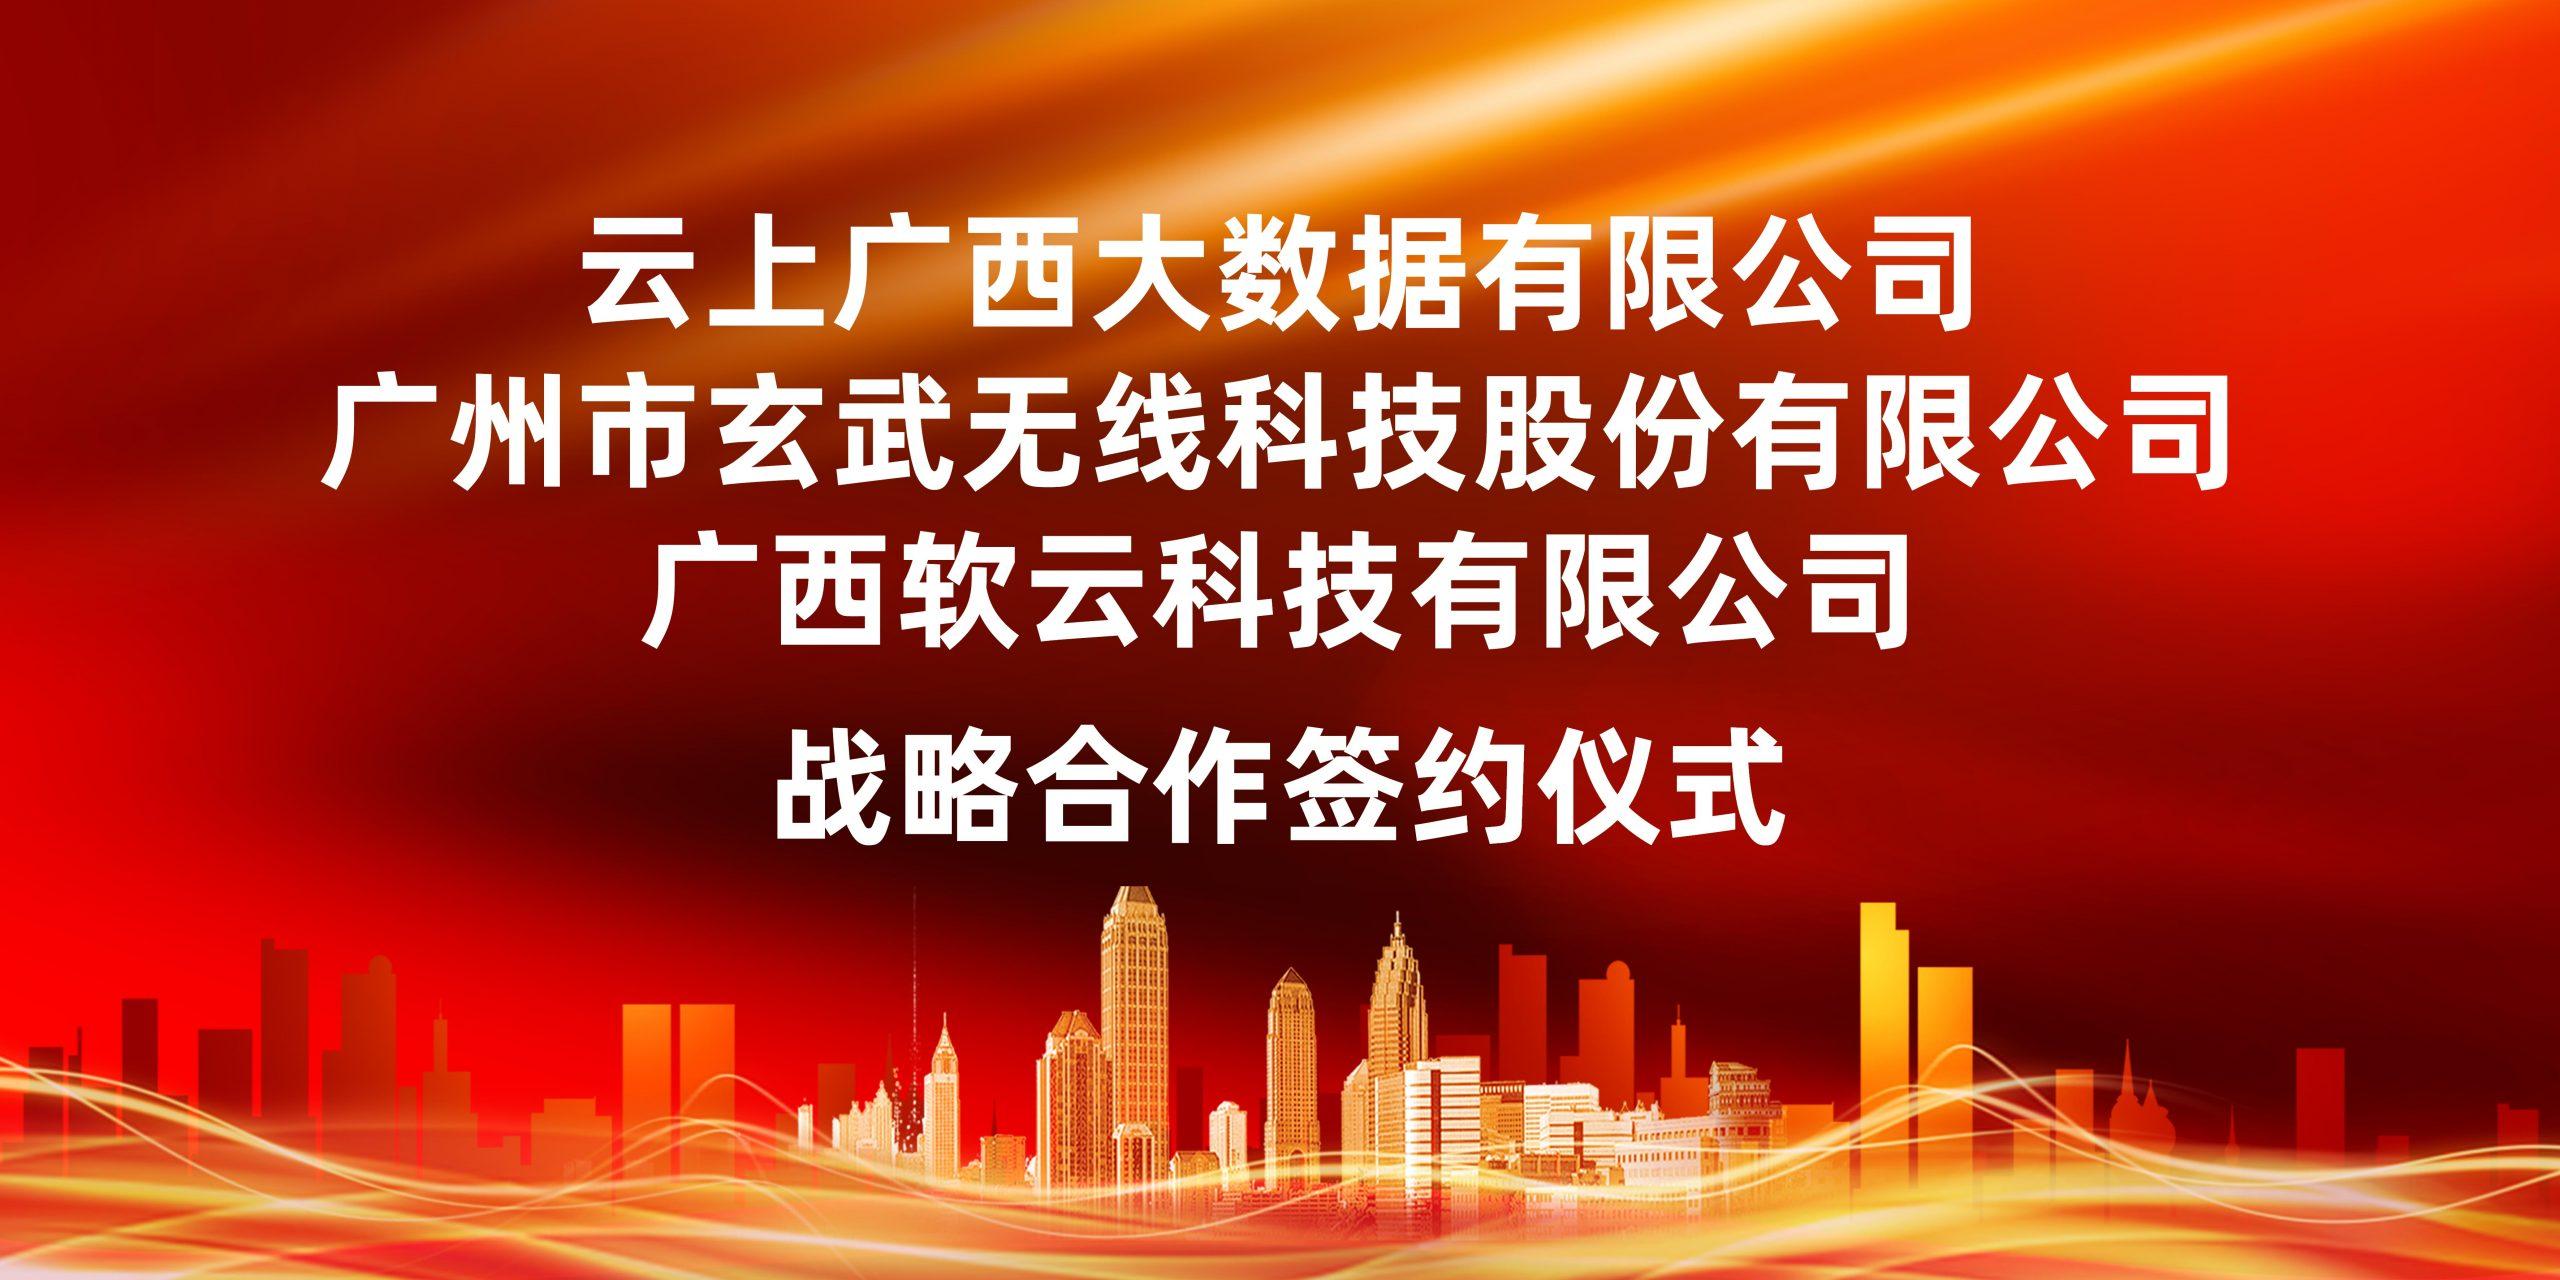 玄武科技联袂云上广西&广西软云 成为广西信息管理业务发展战略合作伙伴